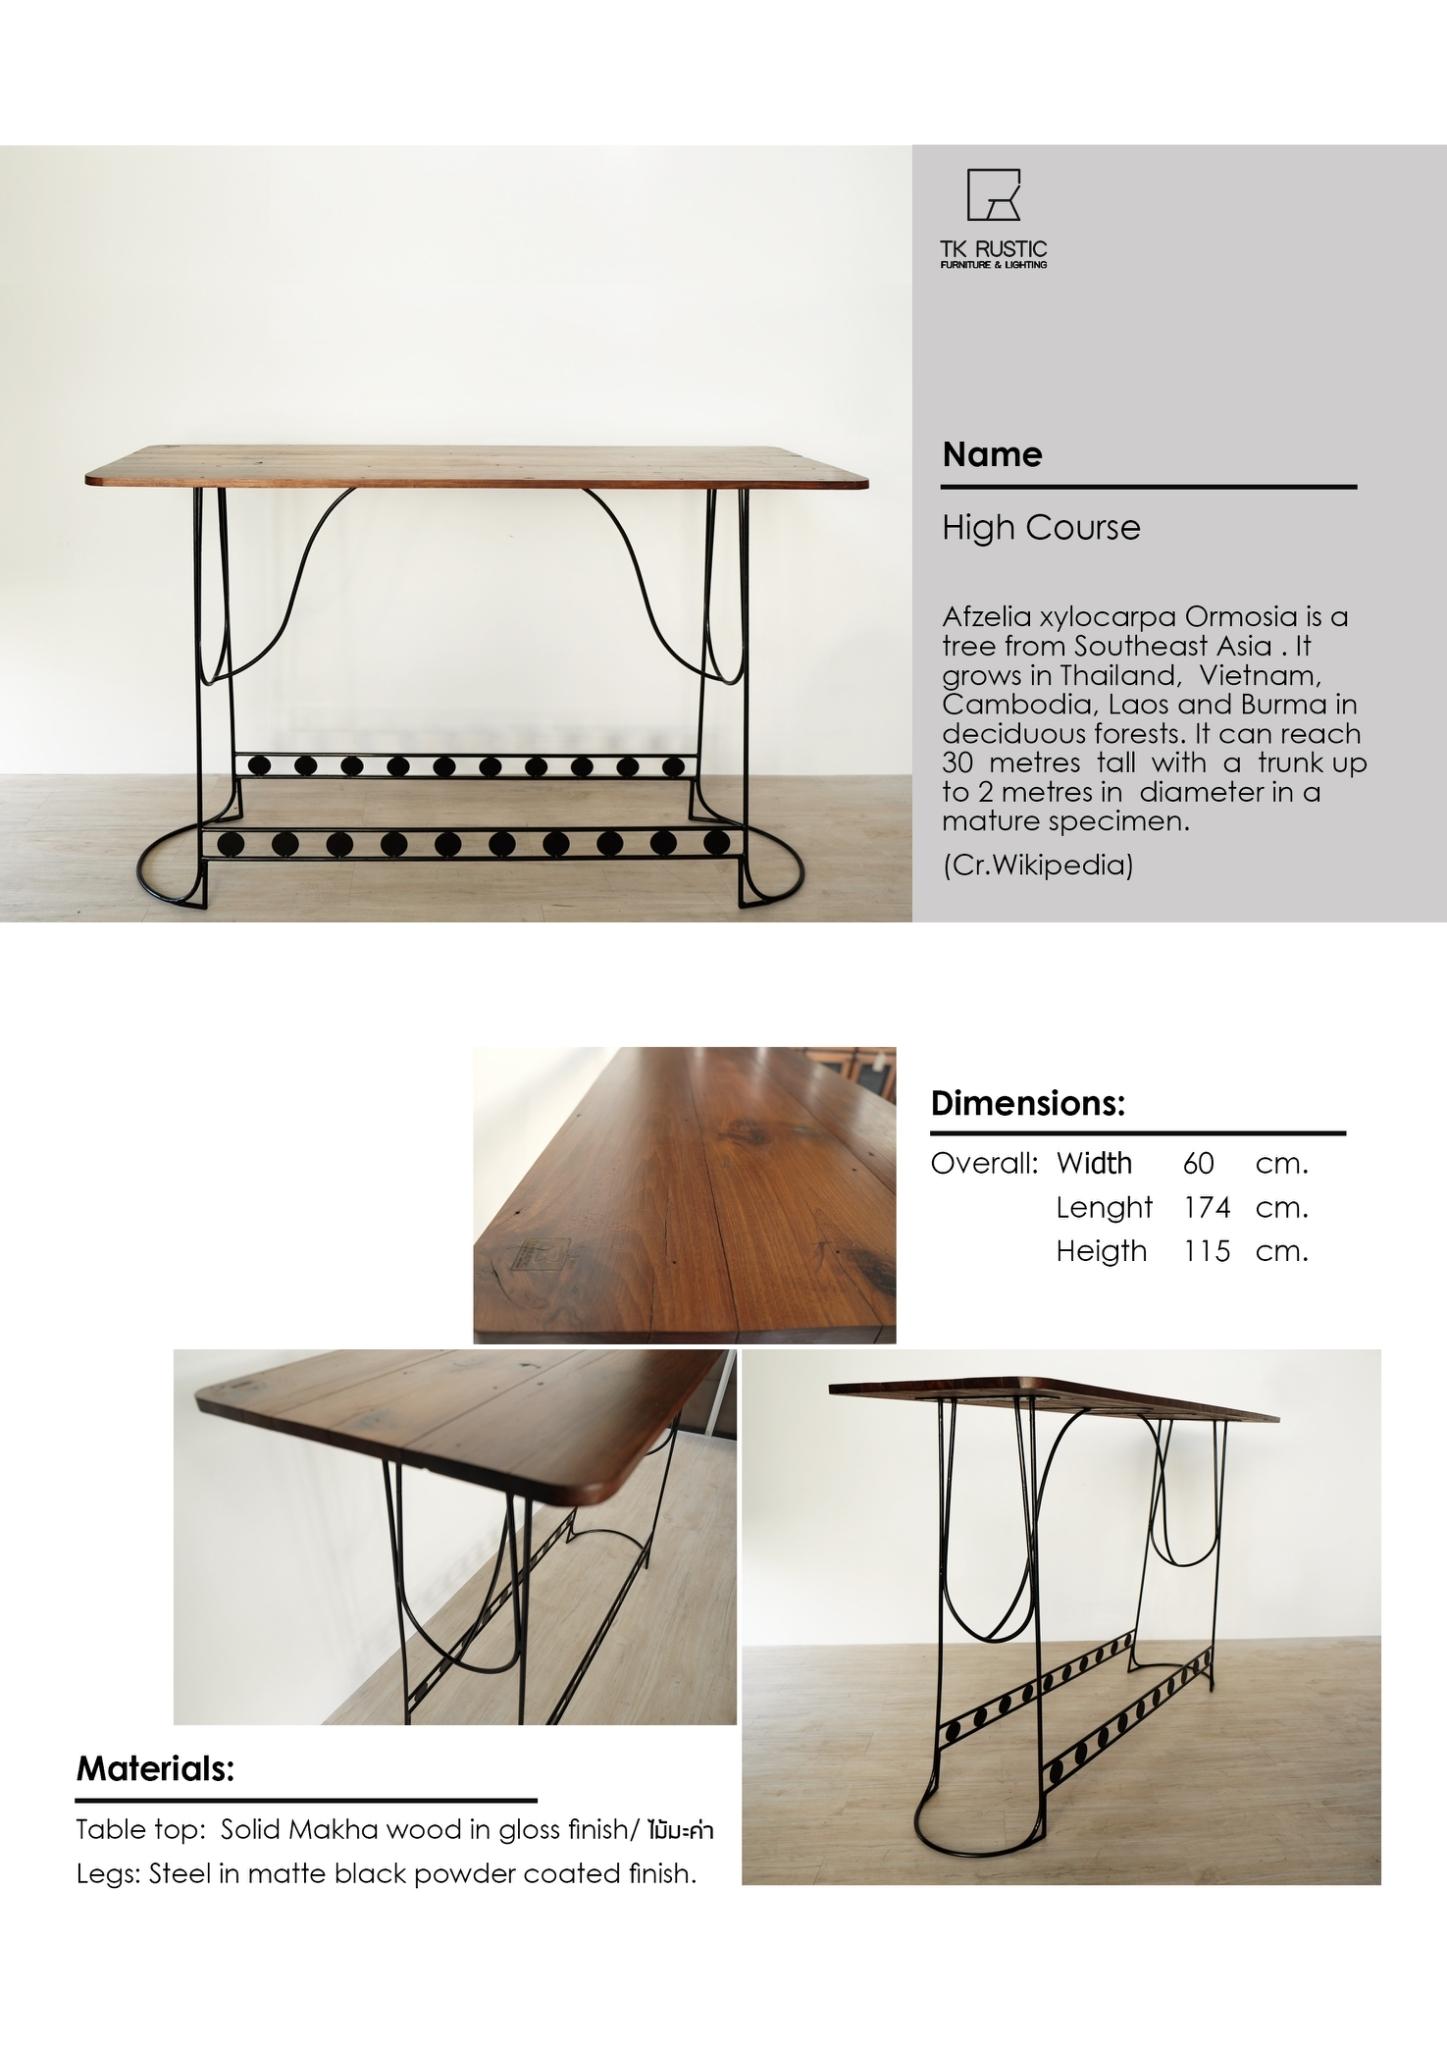 โต๊ะบาร์ไม้ขาเหล็ก เฟอร์นิเจอร์ลอฟท์ เฟอร์นิเจอร์ร้านกาแฟ เฟอร์นิเจอร์หัวหิน